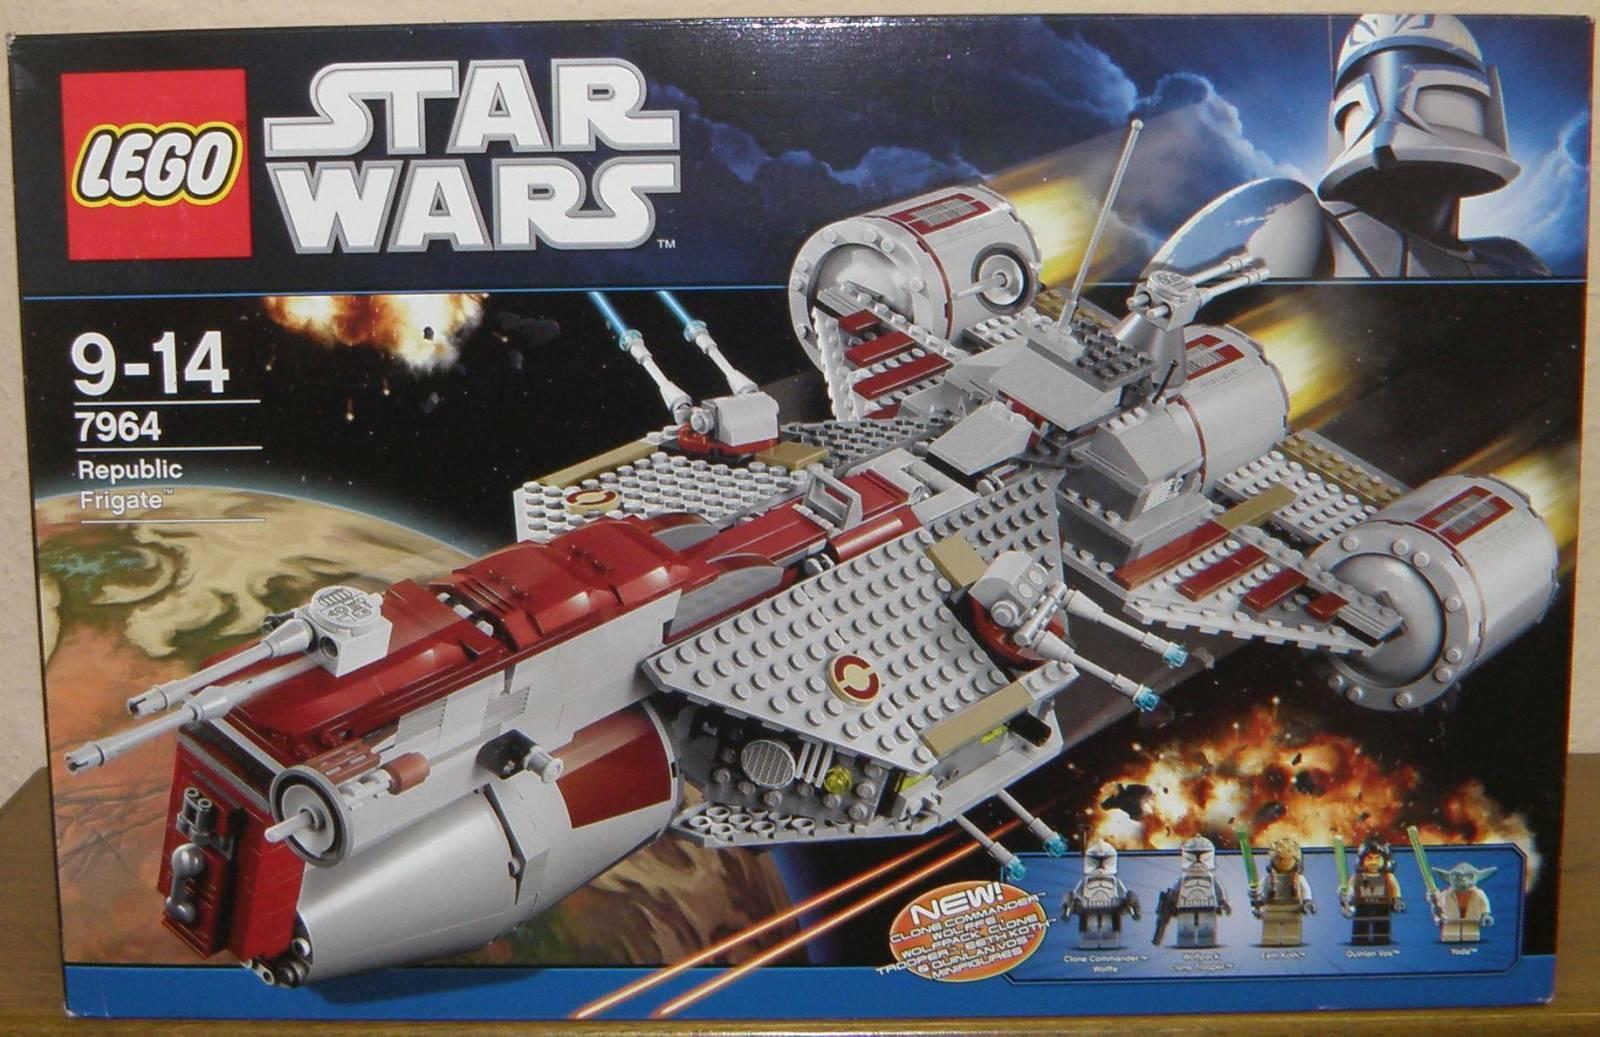 Lego Star Wars 7964 Republic frigate con figuras instrucciones y OVP 100% completo